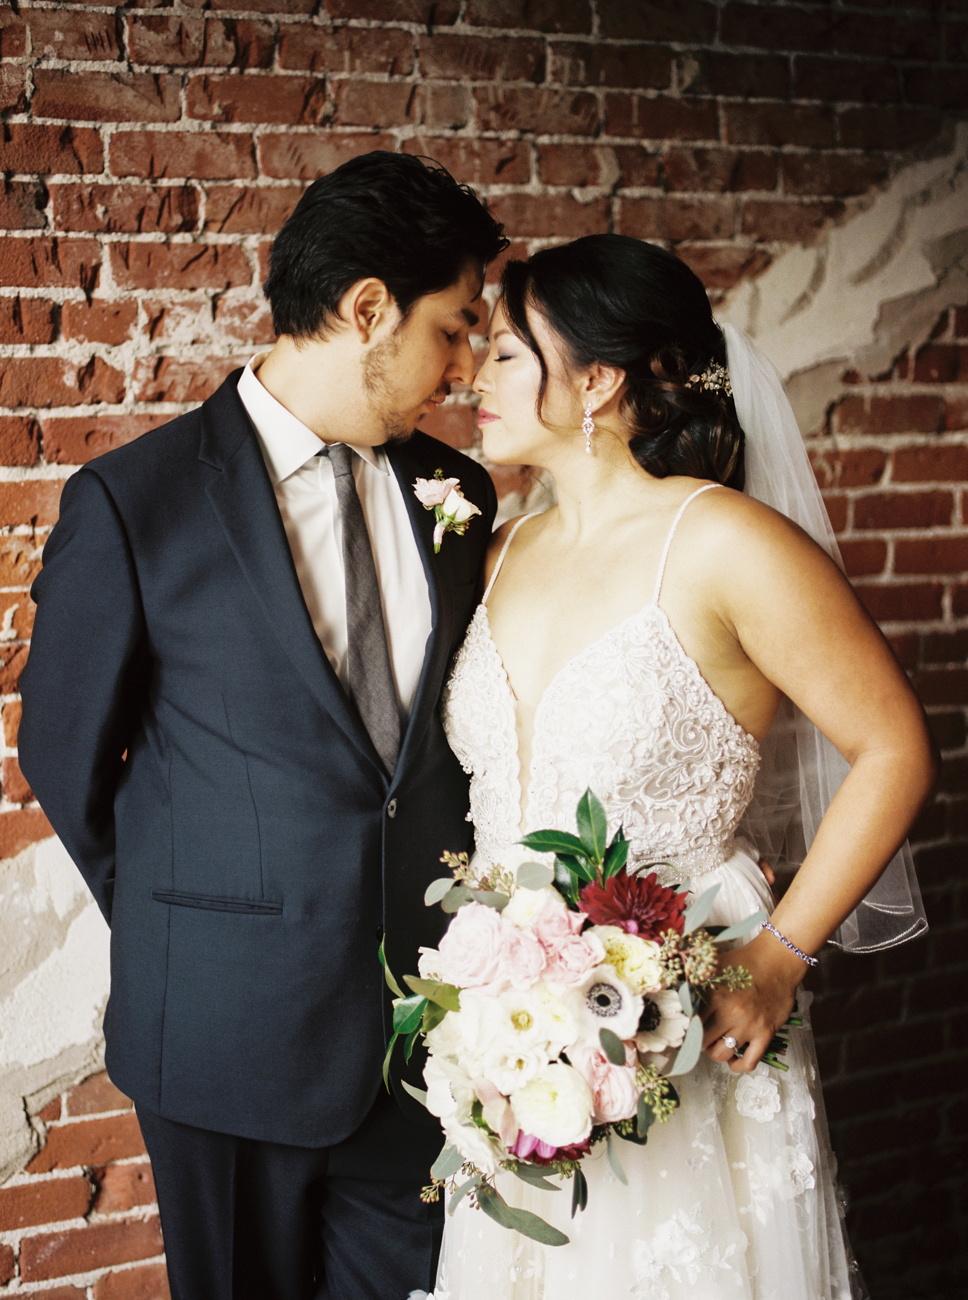 dennisroycoronel_theloftonpine_wedding-10.jpg